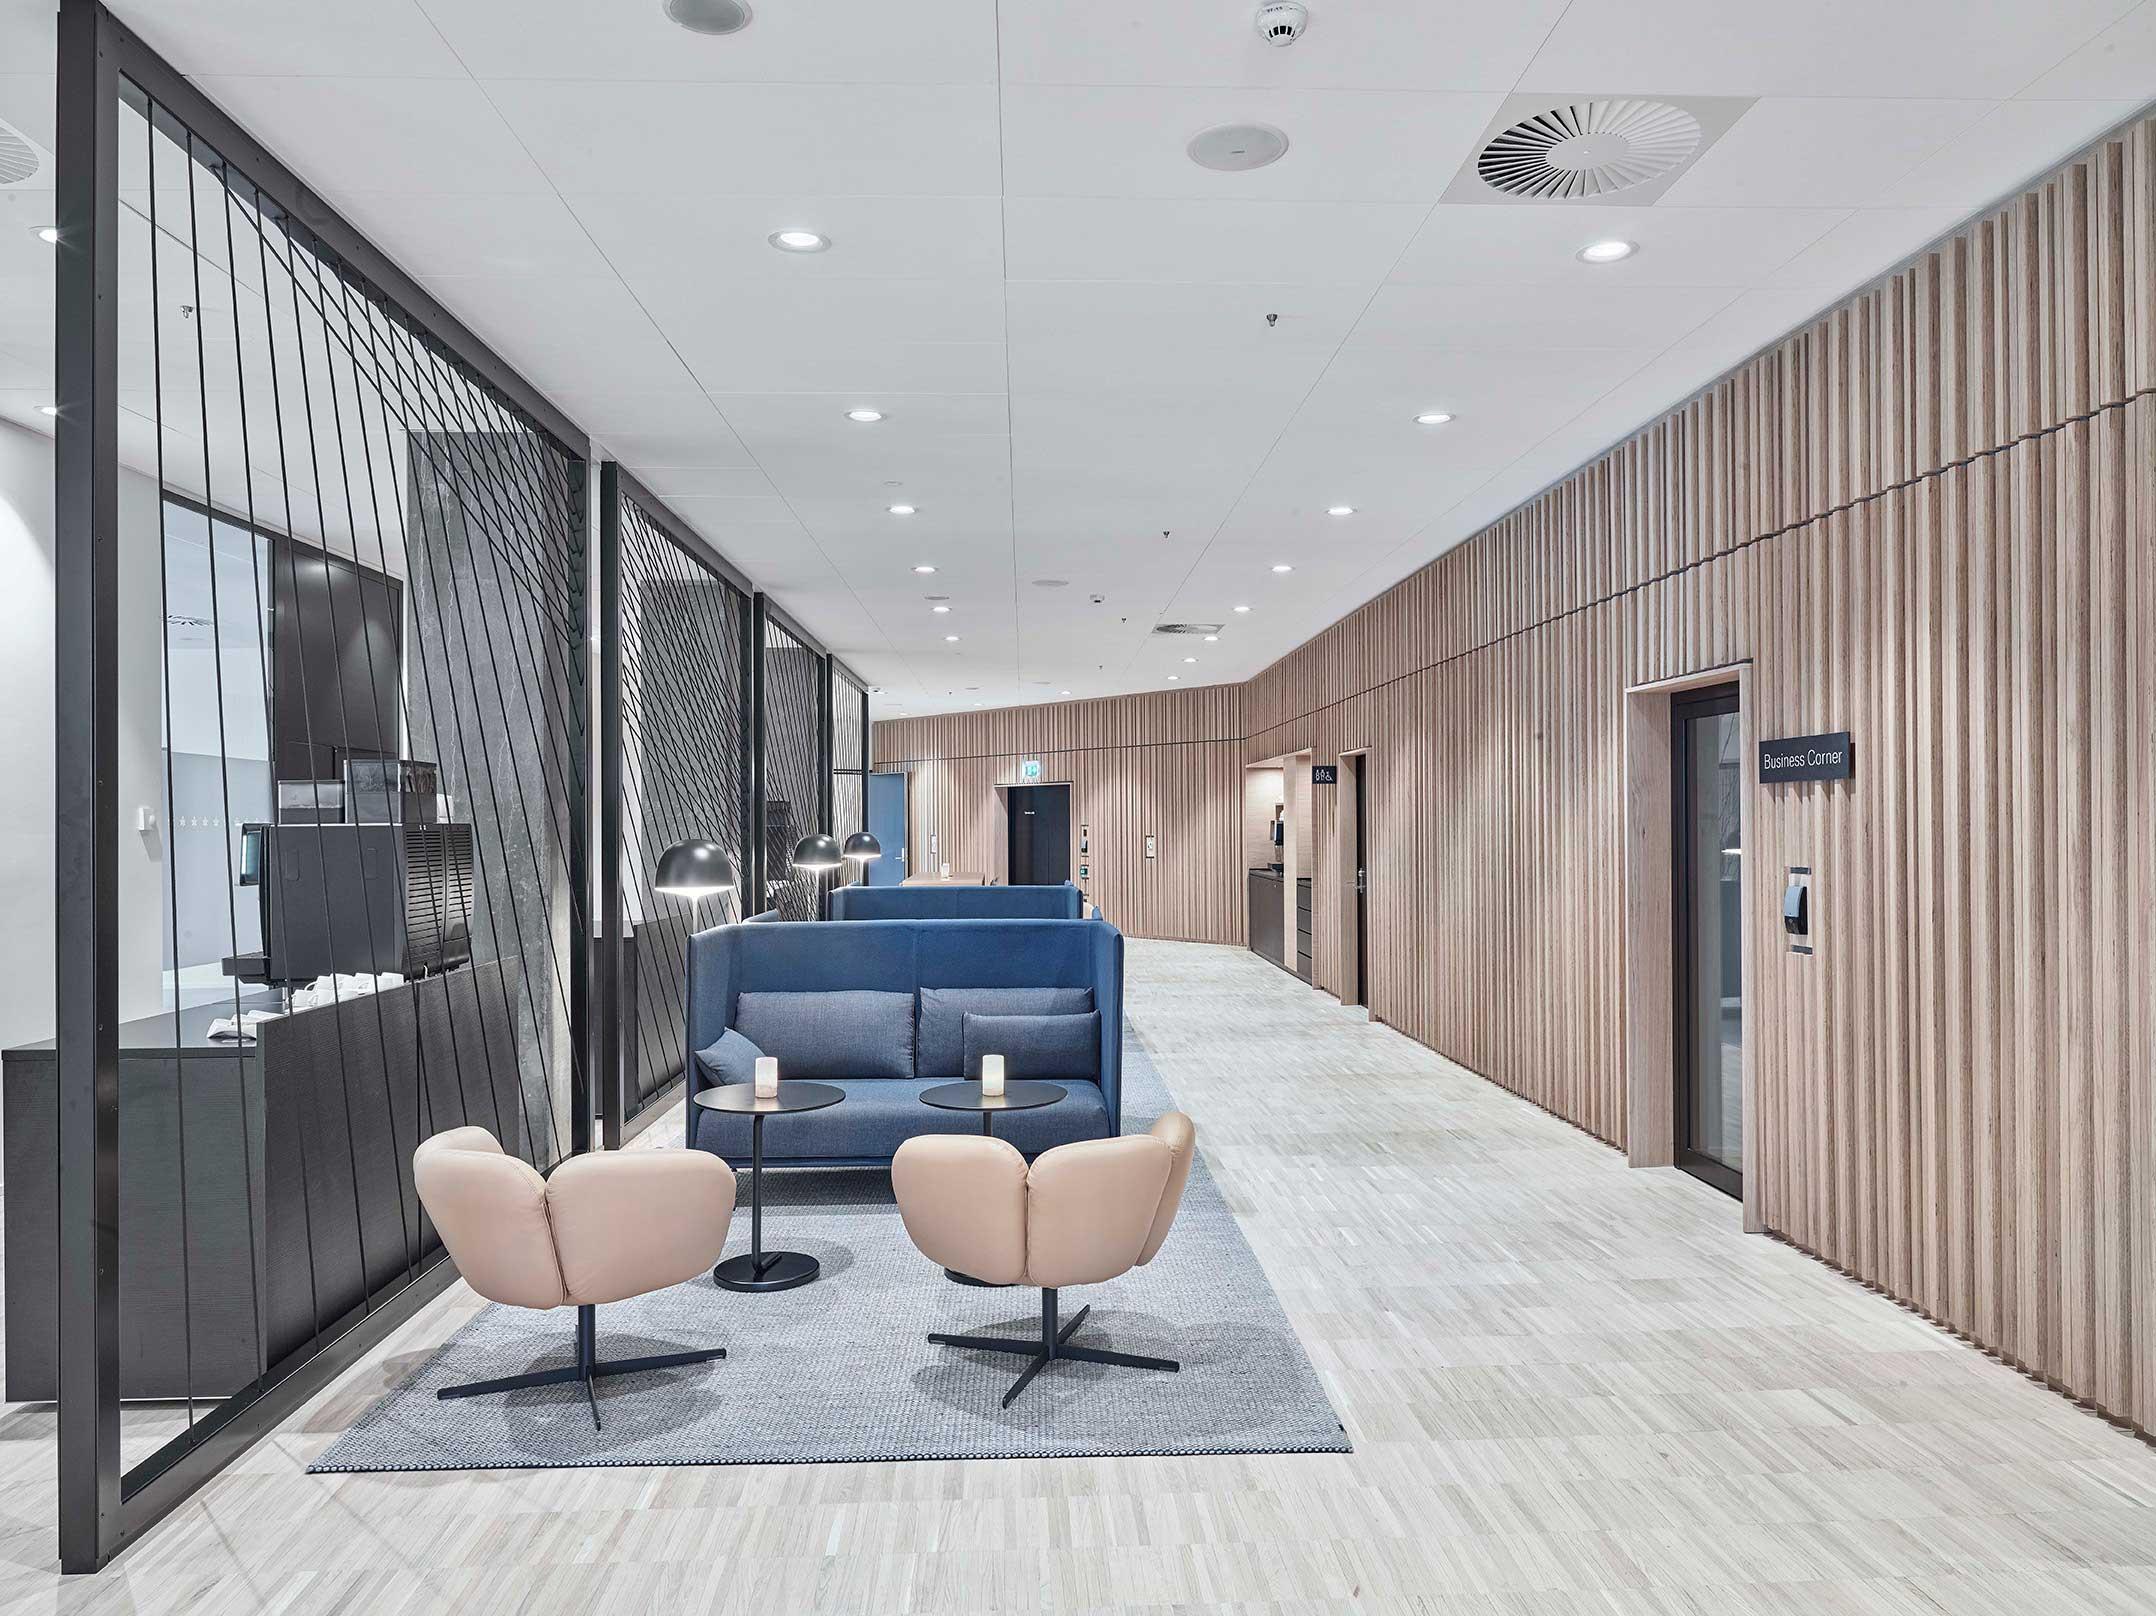 Hotel Alsik i Sønderborg Indbygget i loft Linia DS-F 150 i lounge området